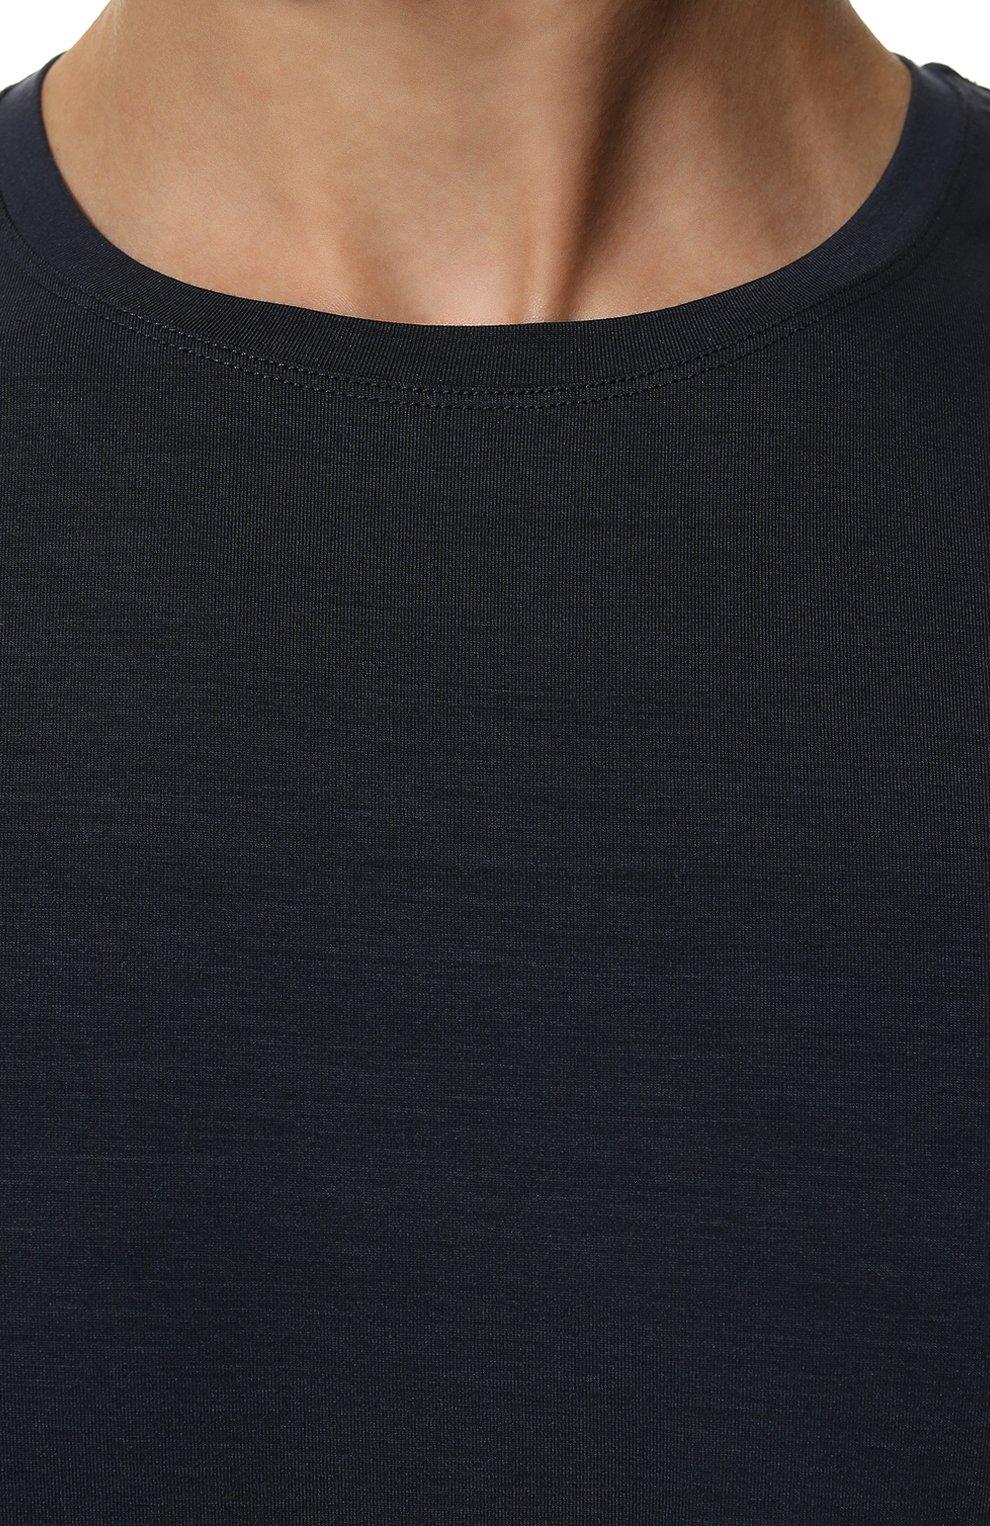 Мужская лонгслив DEREK ROSE синего цвета, арт. 3083-BASE001   Фото 5 (Рукава: Длинные; Кросс-КТ: домашняя одежда; Материал внешний: Синтетический материал; Длина (для топов): Стандартные; Мужское Кросс-КТ: Футболка-белье)